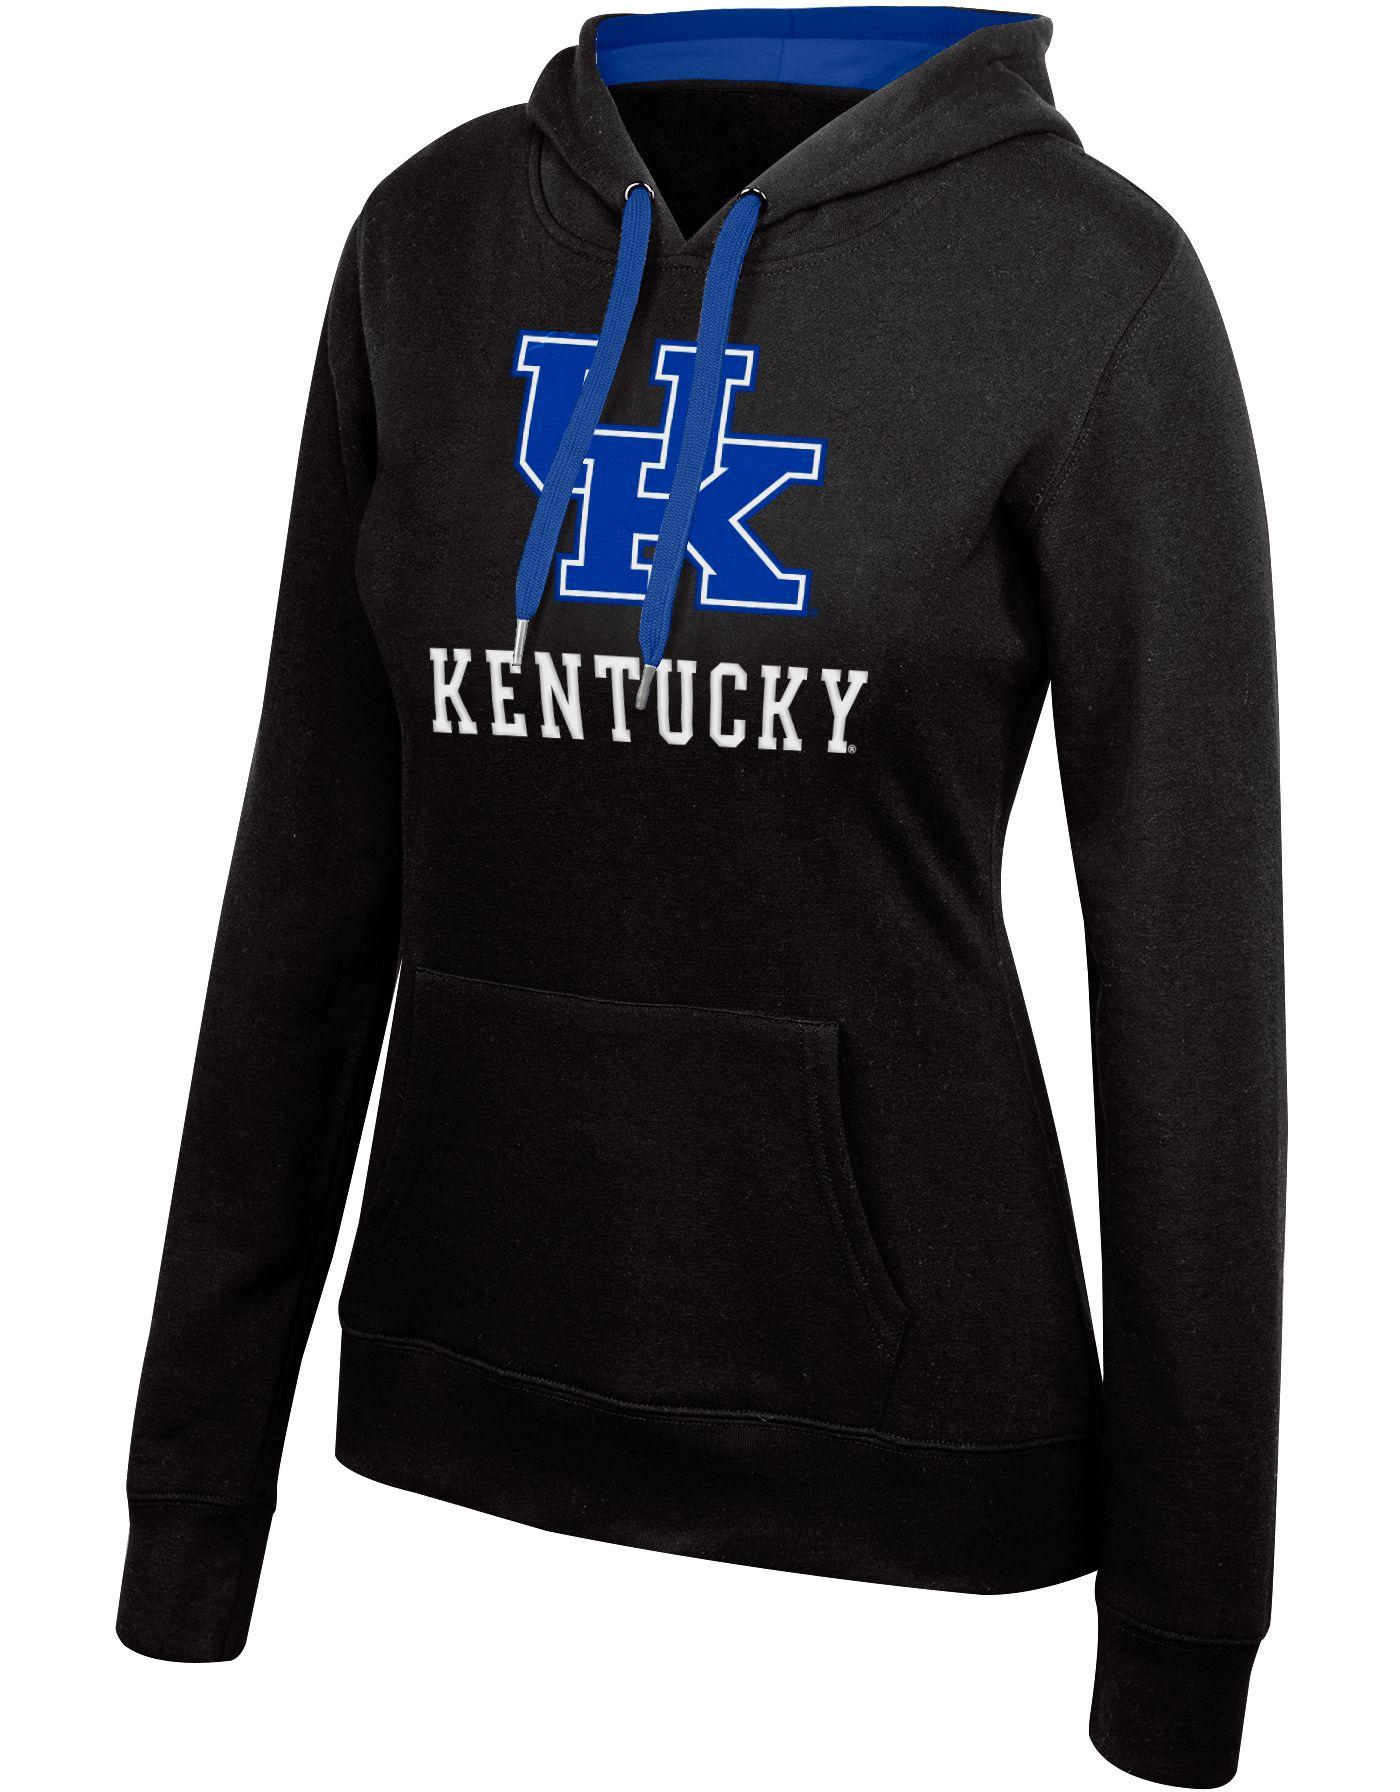 Top of the World Women's Kentucky Wildcats Essential Black Hoodie